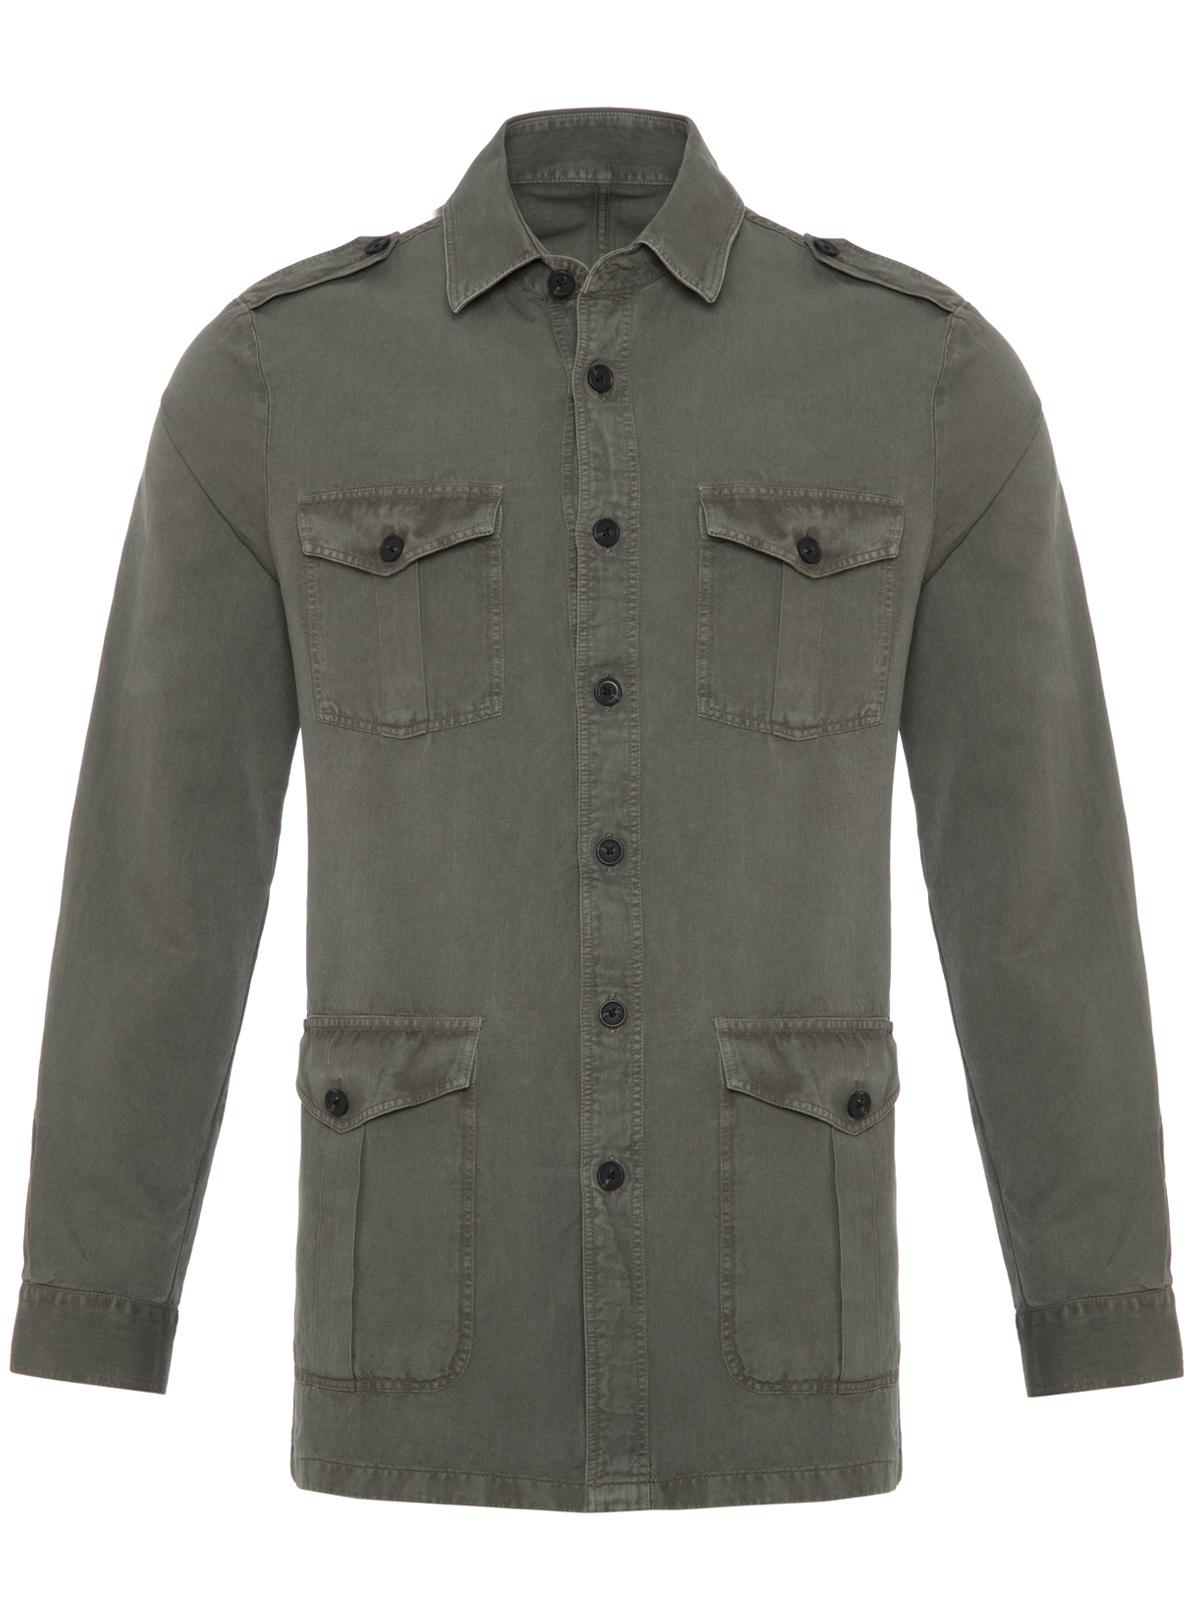 Germirli Yeşil Vintage Keten Safari Tailor Fit Ceket Gömlek